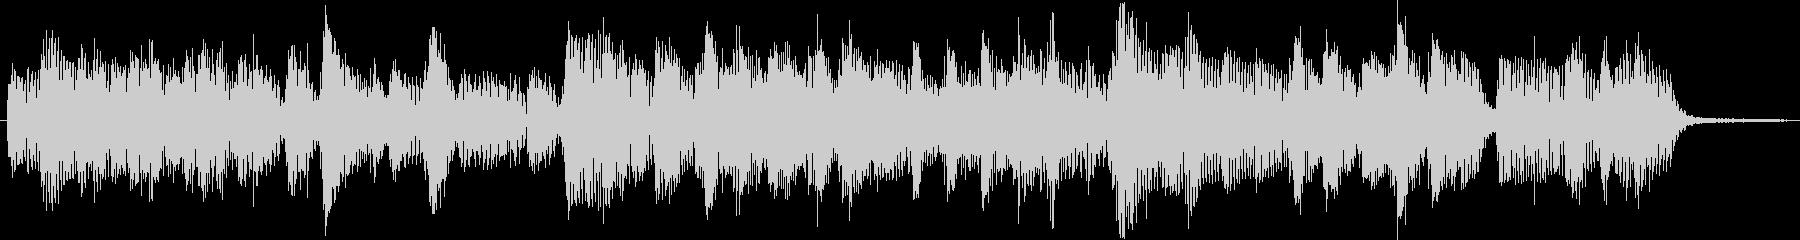 4ビートジャズのジングル2の未再生の波形